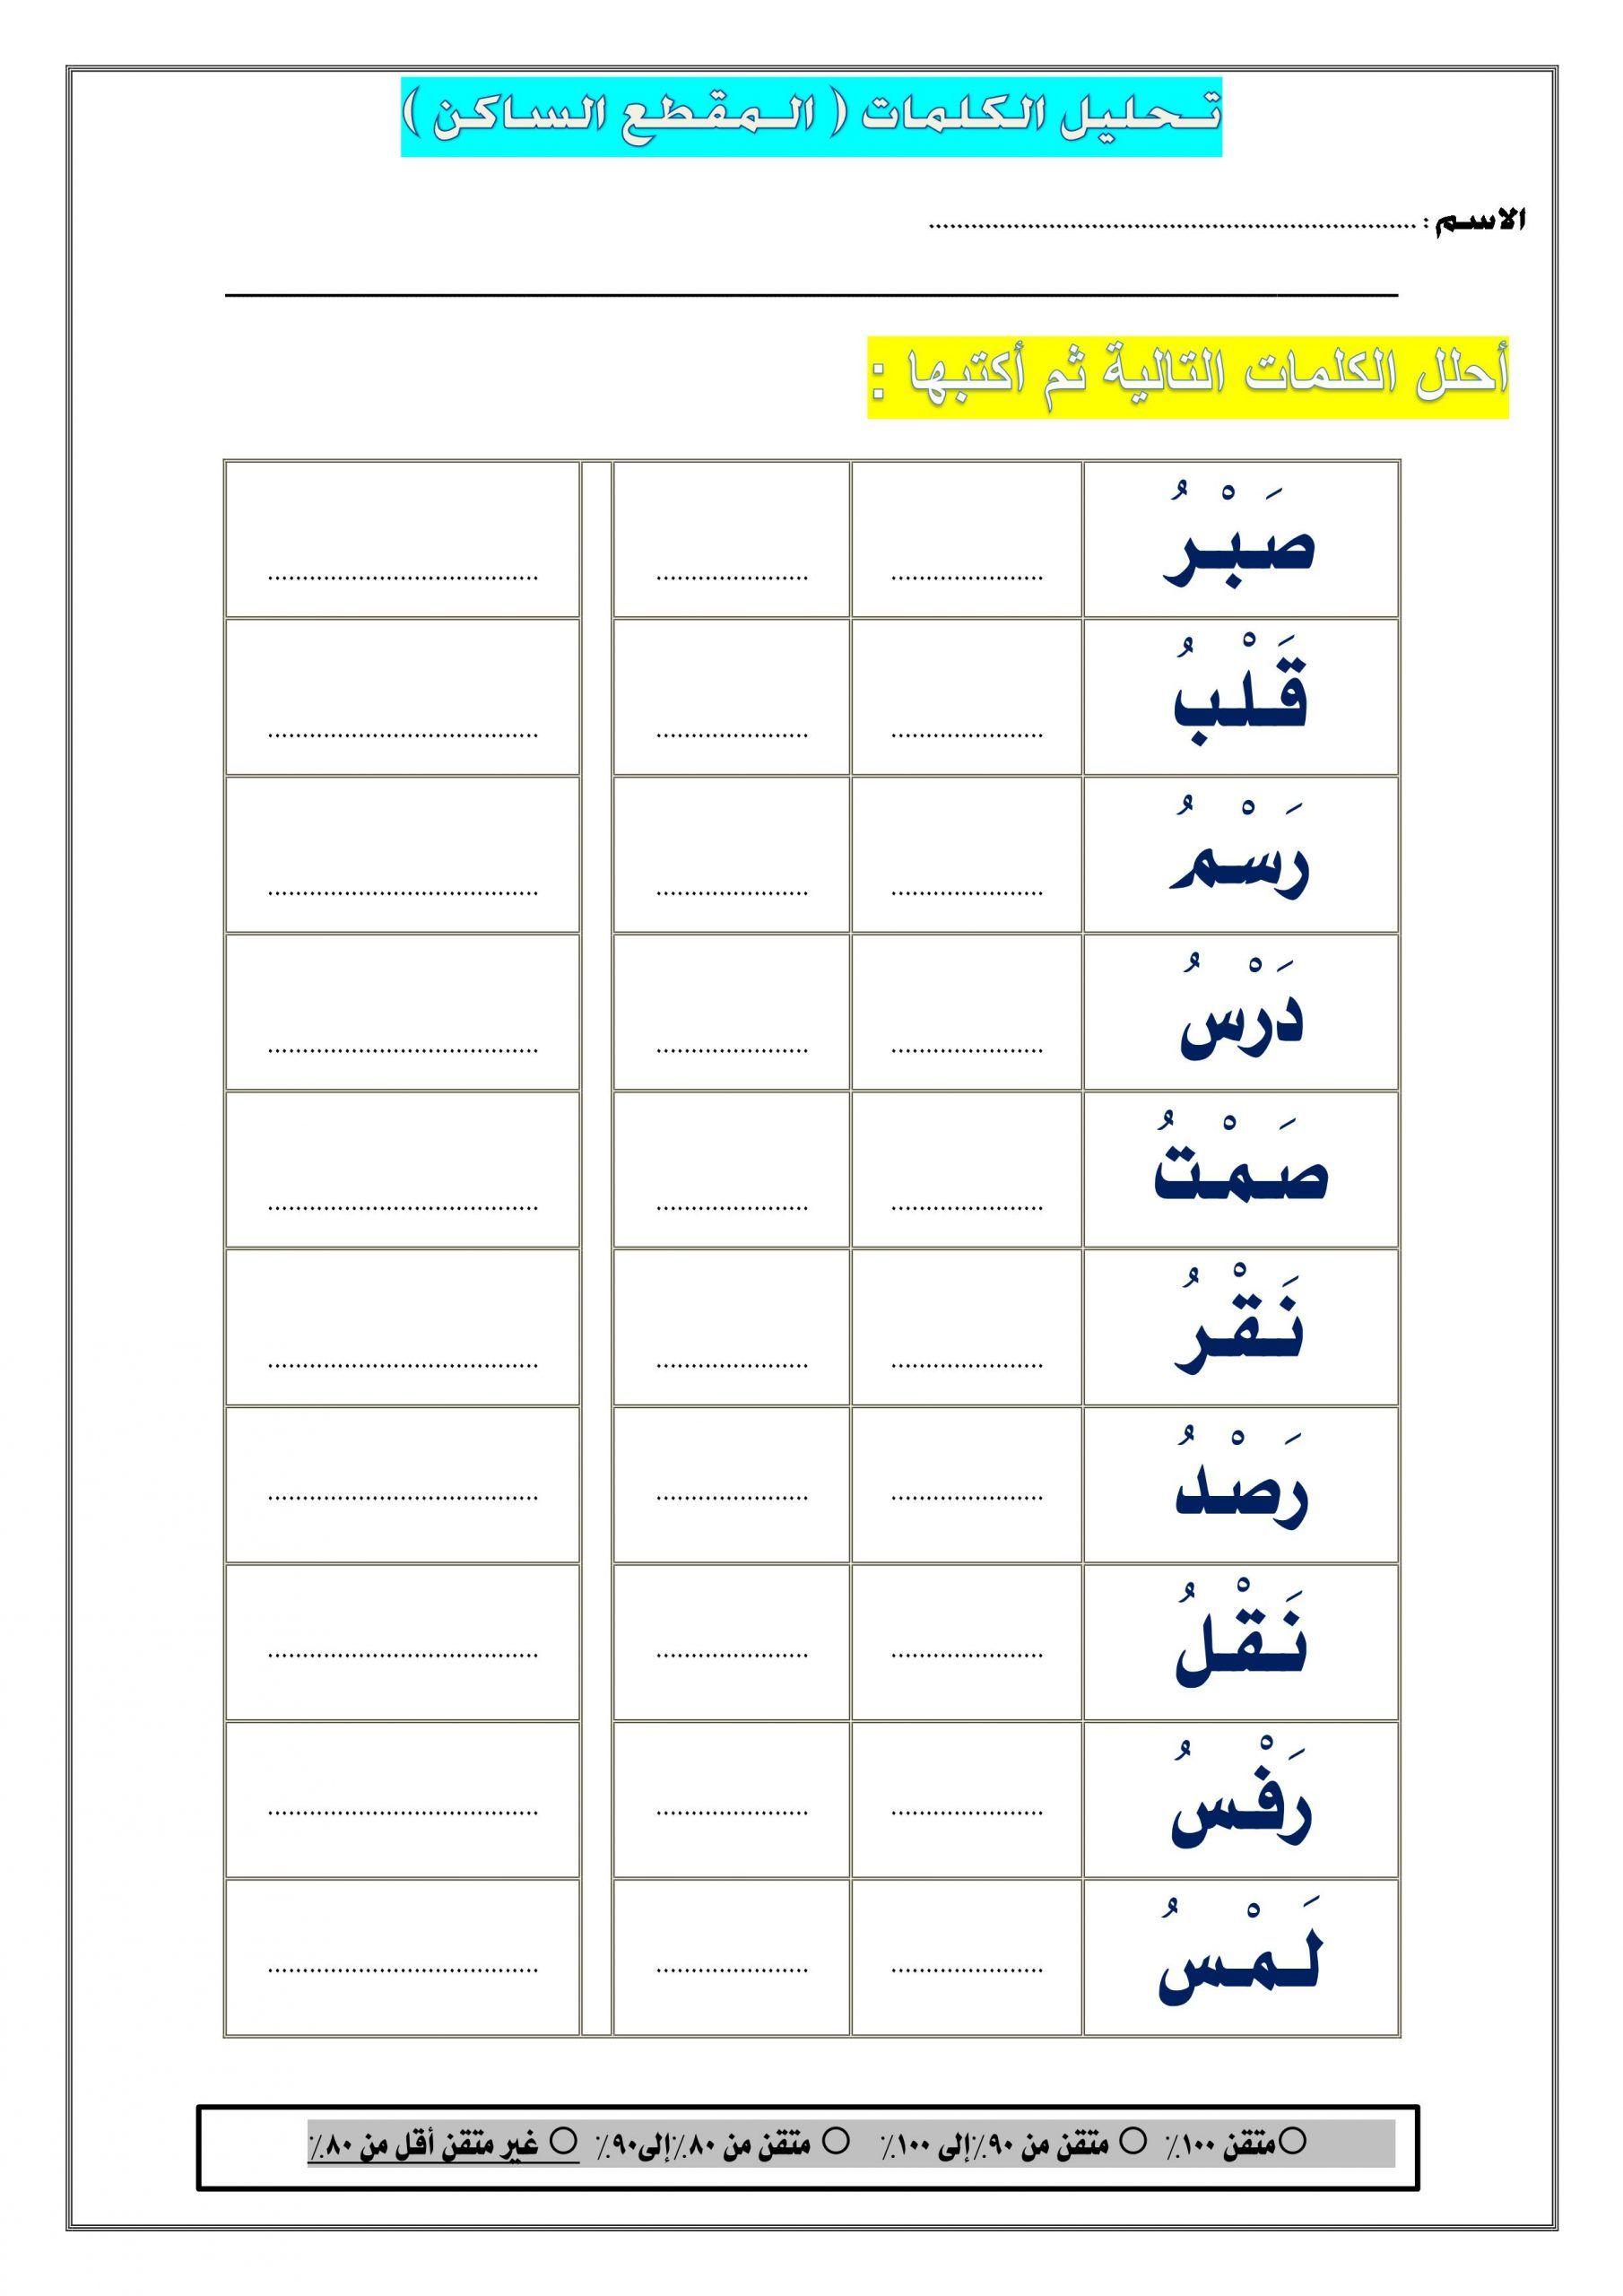 اوراق عمل تحليل الكلمات المقطع الساكن للصف الاول مادة اللغة العربية